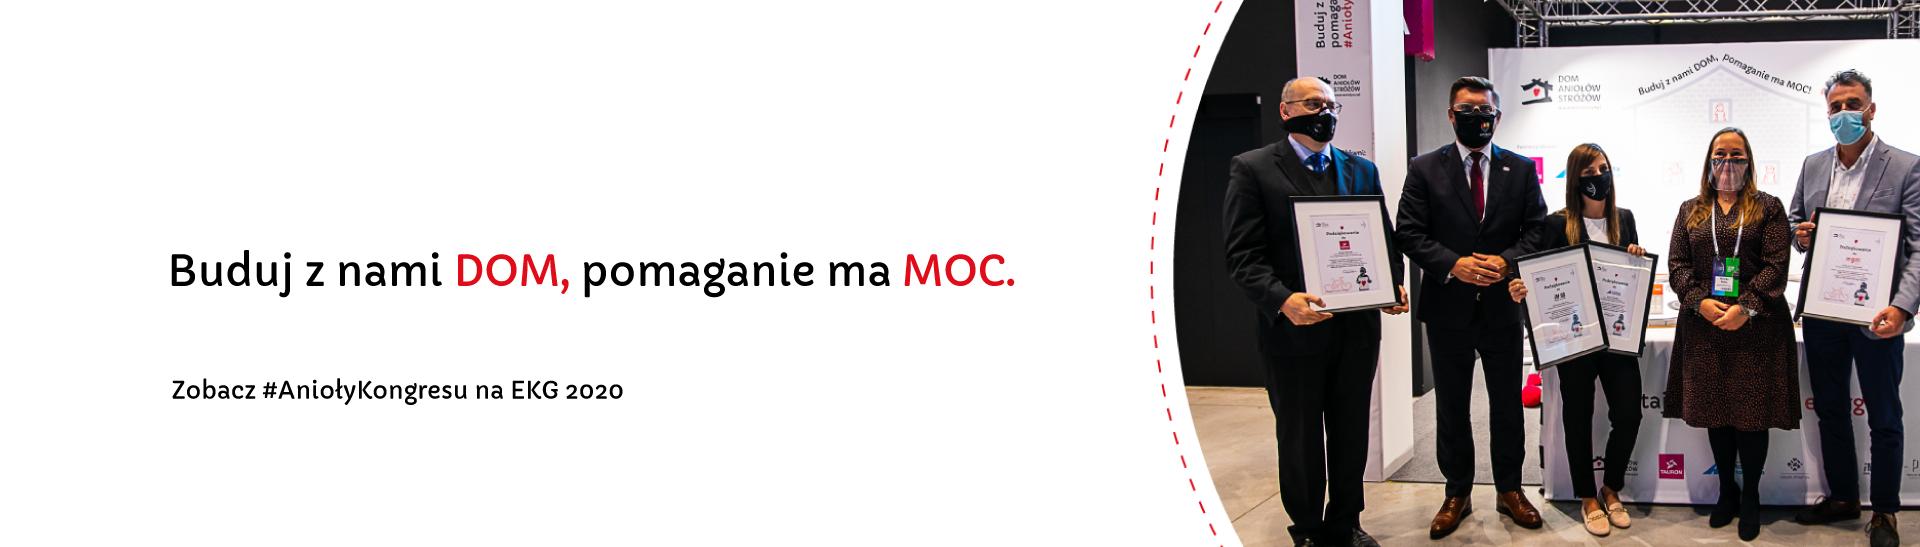 EKG 2020: Buduj z nami DOM, pomaganie ma MOC!